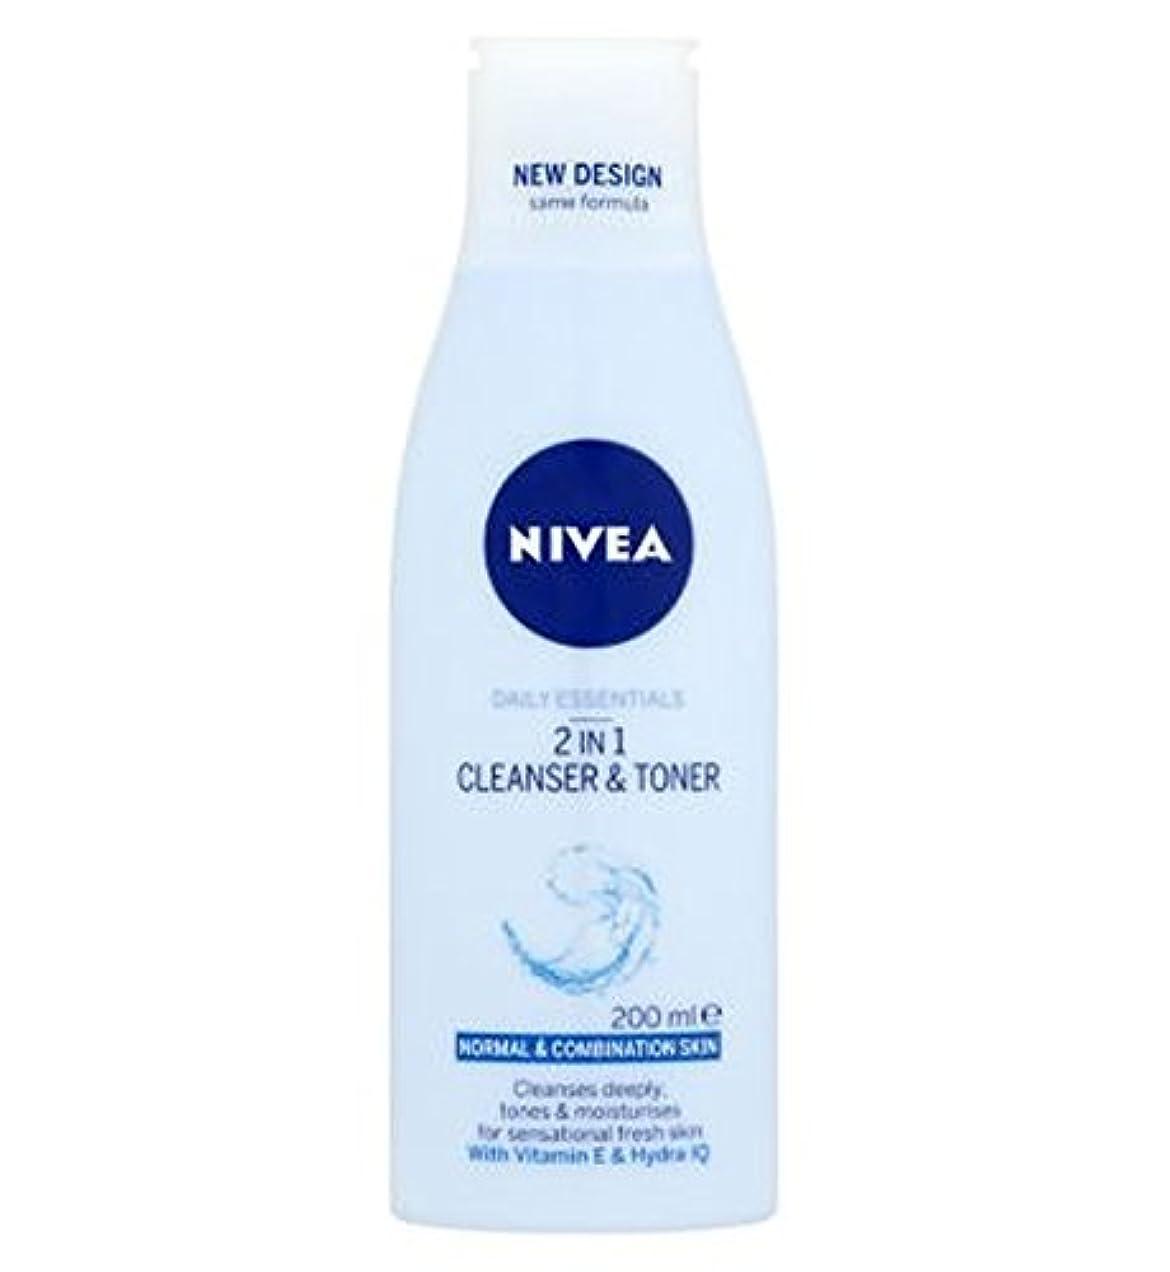 アプライアンス校長長くするニベア生活必需品2 1クレンザーとトナー200ミリリットルで (Nivea) (x2) - Nivea Daily Essentials 2 in 1 Cleanser and Toner 200ml (Pack of...